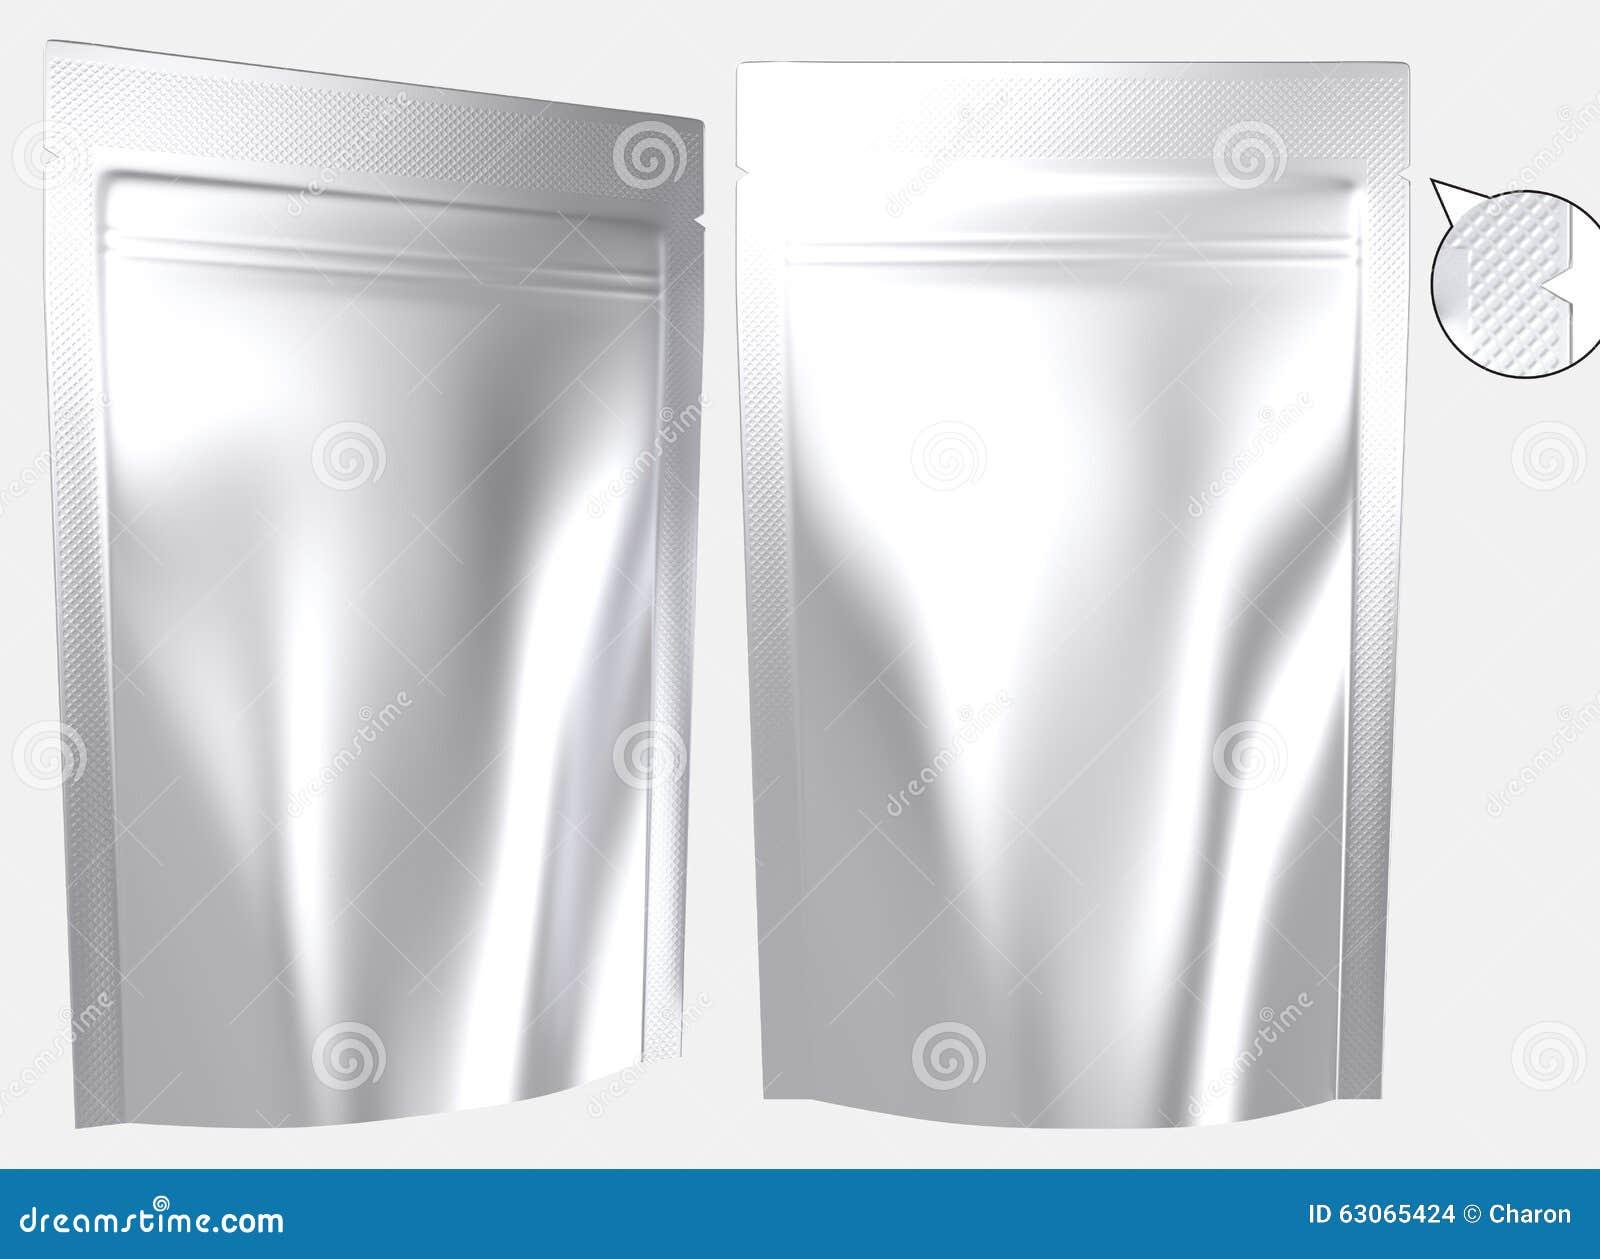 La bolsa de plástico derecha que se puede volver a sellar de la hoja en blanco